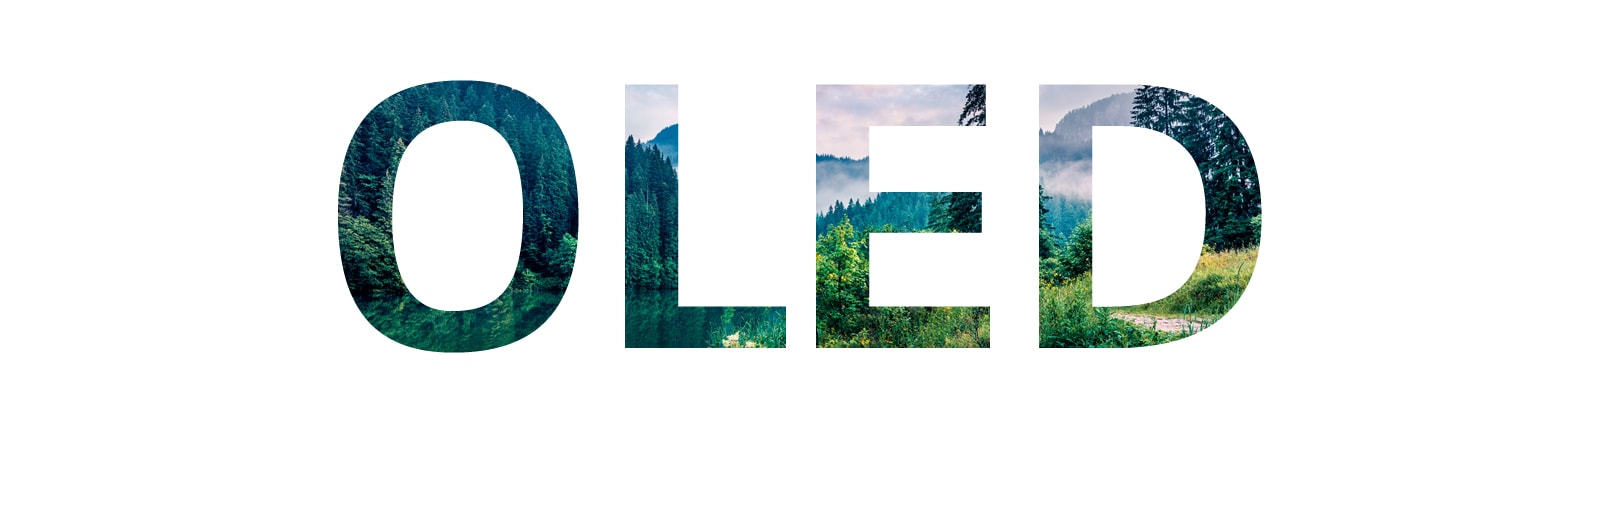 La palabra «OLED» llena una imagen de la naturaleza que se desliza desde la derecha (reproducir el vídeo)